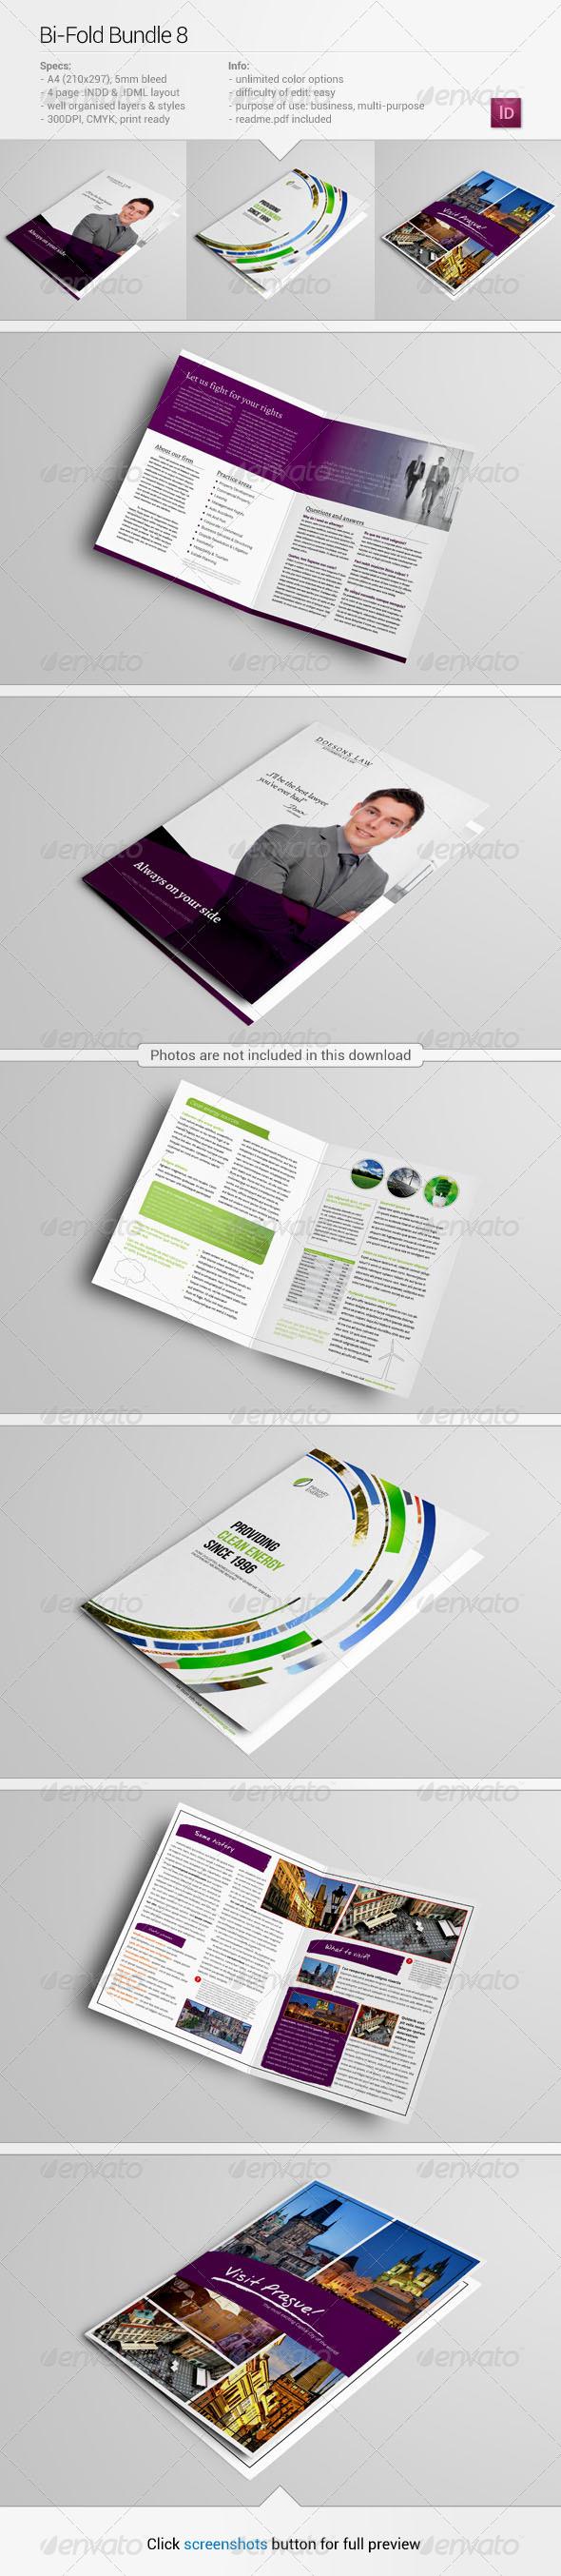 GraphicRiver Bi-Fold Bundle 8 6329870